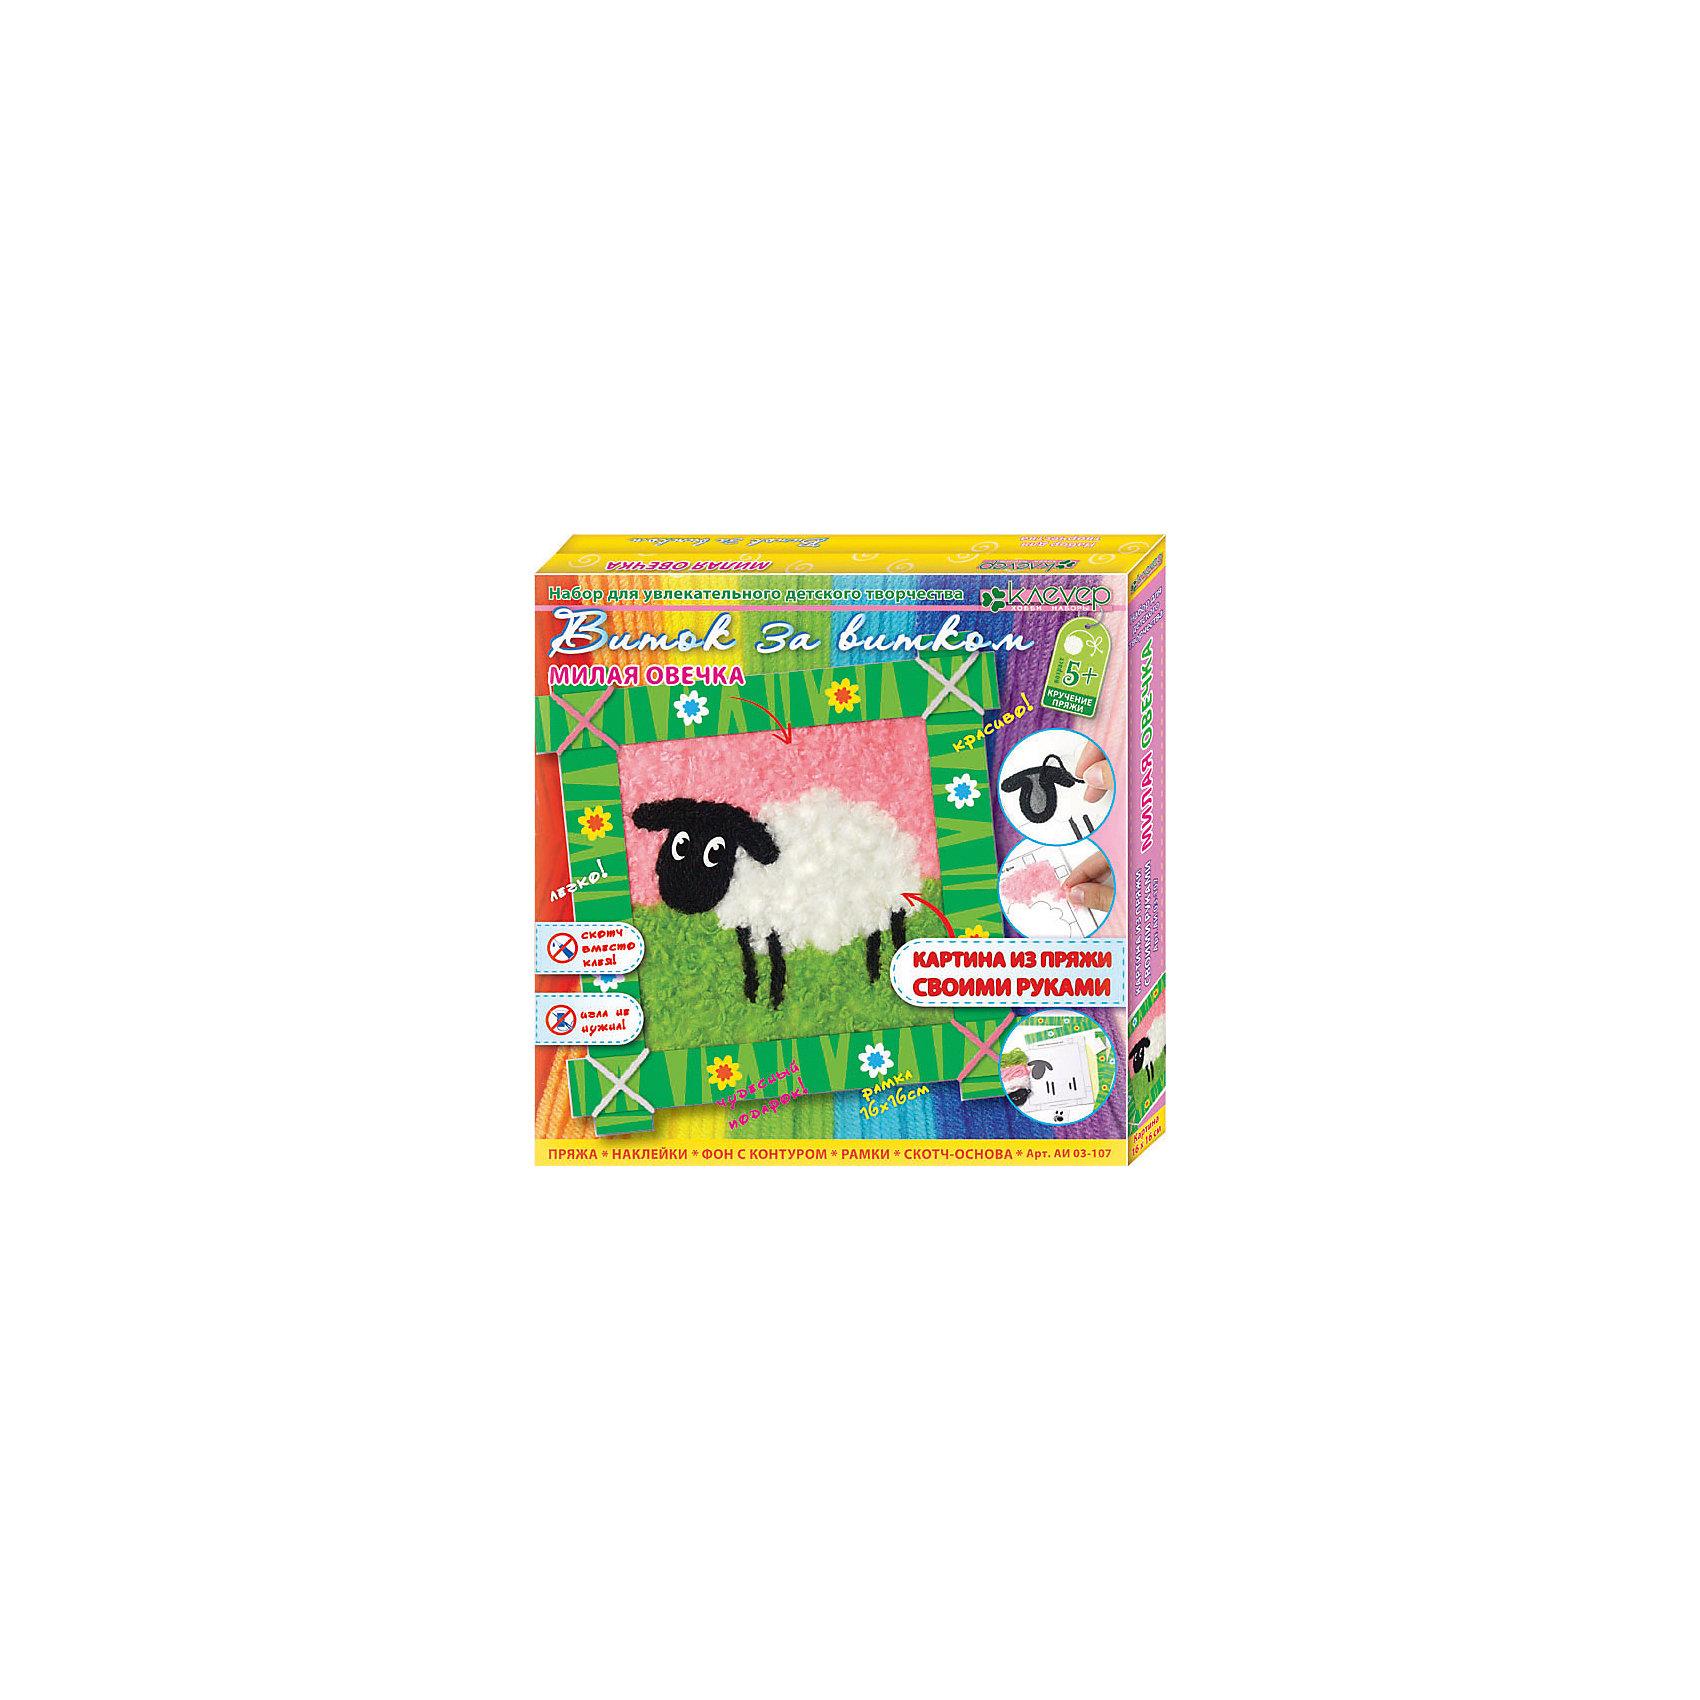 Набор для изготовления картины Милая ОвечкаРукоделие<br>Характеристики:<br><br>• Коллекция: Виток за витком<br>• Уровень сложности: средний<br>• Материал: картон, бумага, пряжа, скотч<br>• Комплектация: картонная основа, акриловая пряжа, самоклеящаяся пленка, картонная рамка, скотч, инструкция<br>• Форма картины: 3d<br>• Размеры готовой картинки (Ш*В): 16*16 см<br>• Размеры (Д*Ш*В): 21*21*25 см<br>• Вес: 100 г <br>• Упаковка: картонная коробка<br><br>Уникальность данных наборов заключается в том, что они состоят из материалов разных фактур. Благодаря использованию двухстороннего скотча, рабочее место и одежда ребенка не будет испачкана, а поделка будет выглядеть объемной и аккуратной.<br><br>Набор для изготовления картины Милая Овечка состоит из всех необходимых материалов для создания картины из цветной пряжи. В комплекте предусмотрена оригинальная рамка для оформления поделки. <br><br>Набор для изготовления картины Милая Овечка можно купить в нашем интернет-магазине.<br><br>Ширина мм: 210<br>Глубина мм: 210<br>Высота мм: 250<br>Вес г: 100<br>Возраст от месяцев: 60<br>Возраст до месяцев: 144<br>Пол: Унисекс<br>Возраст: Детский<br>SKU: 5541527